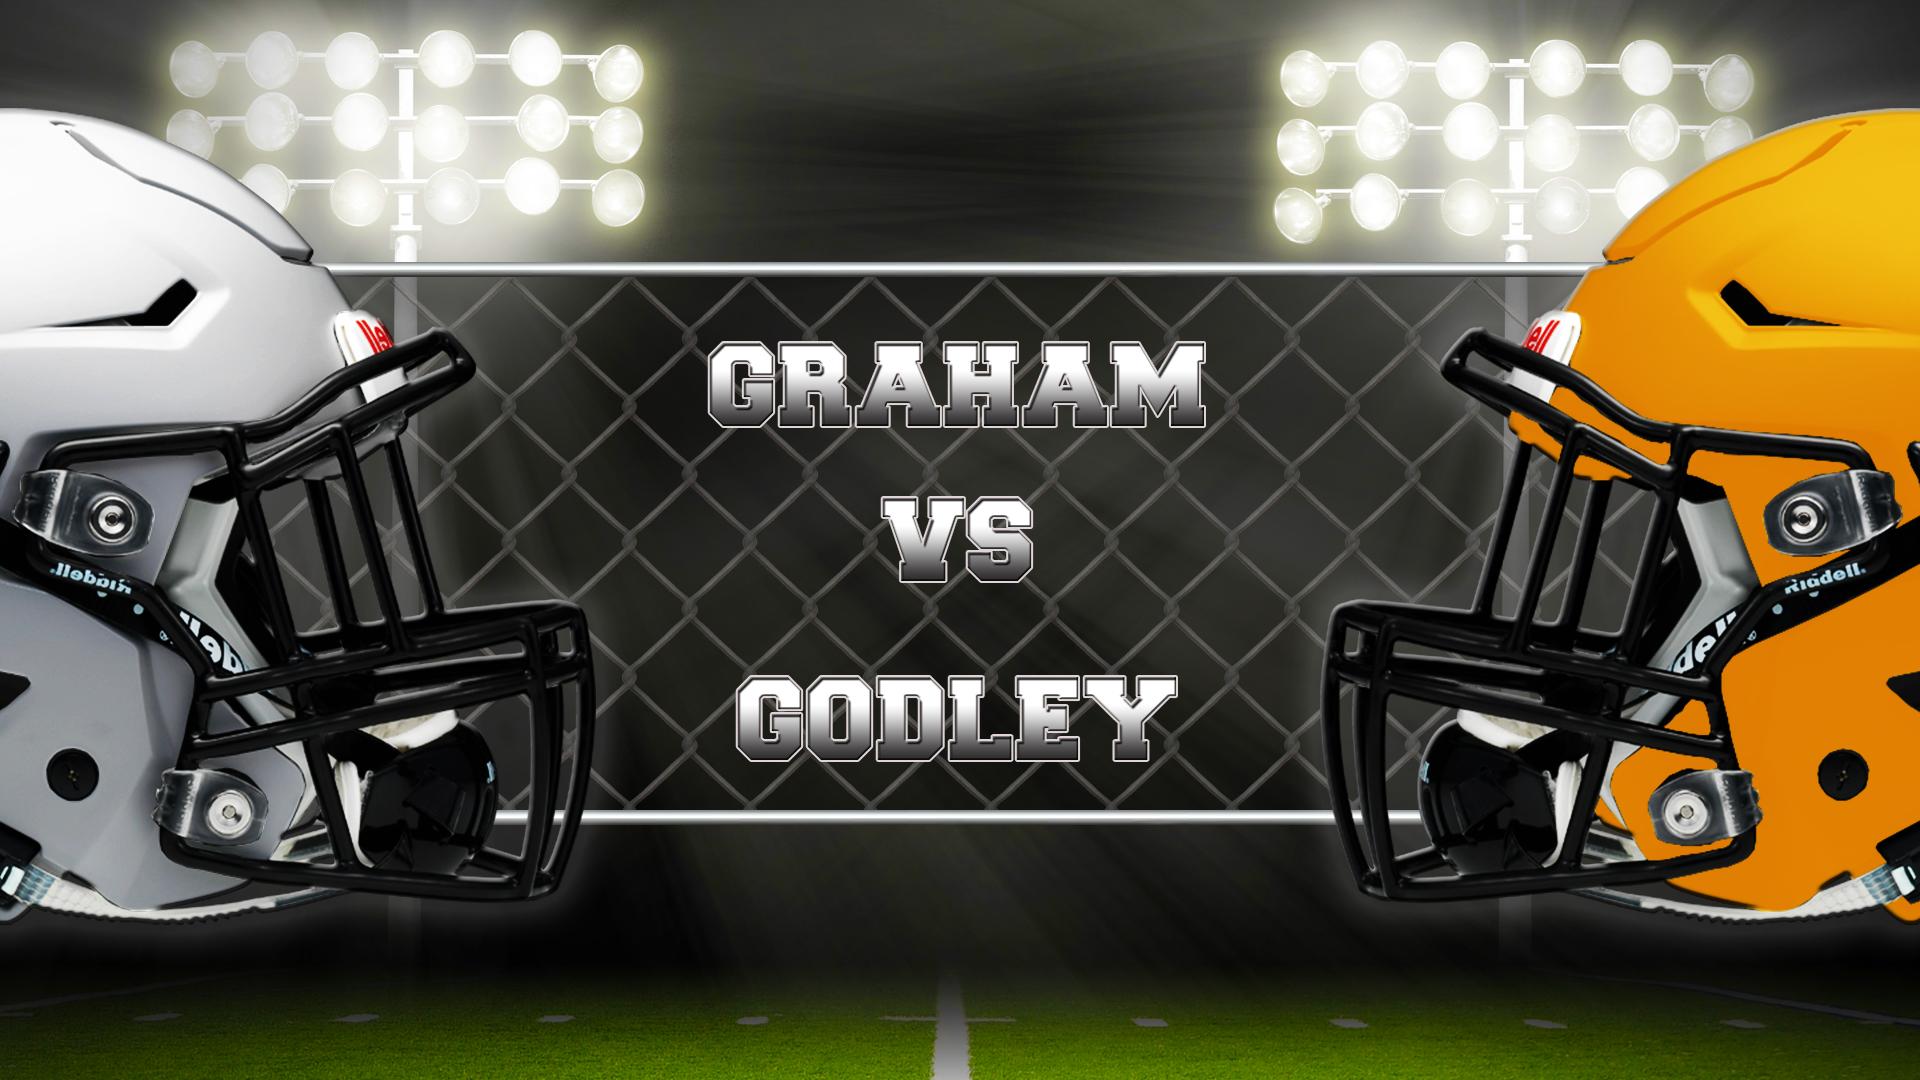 Graham vs Godley_1478871640899.jpg